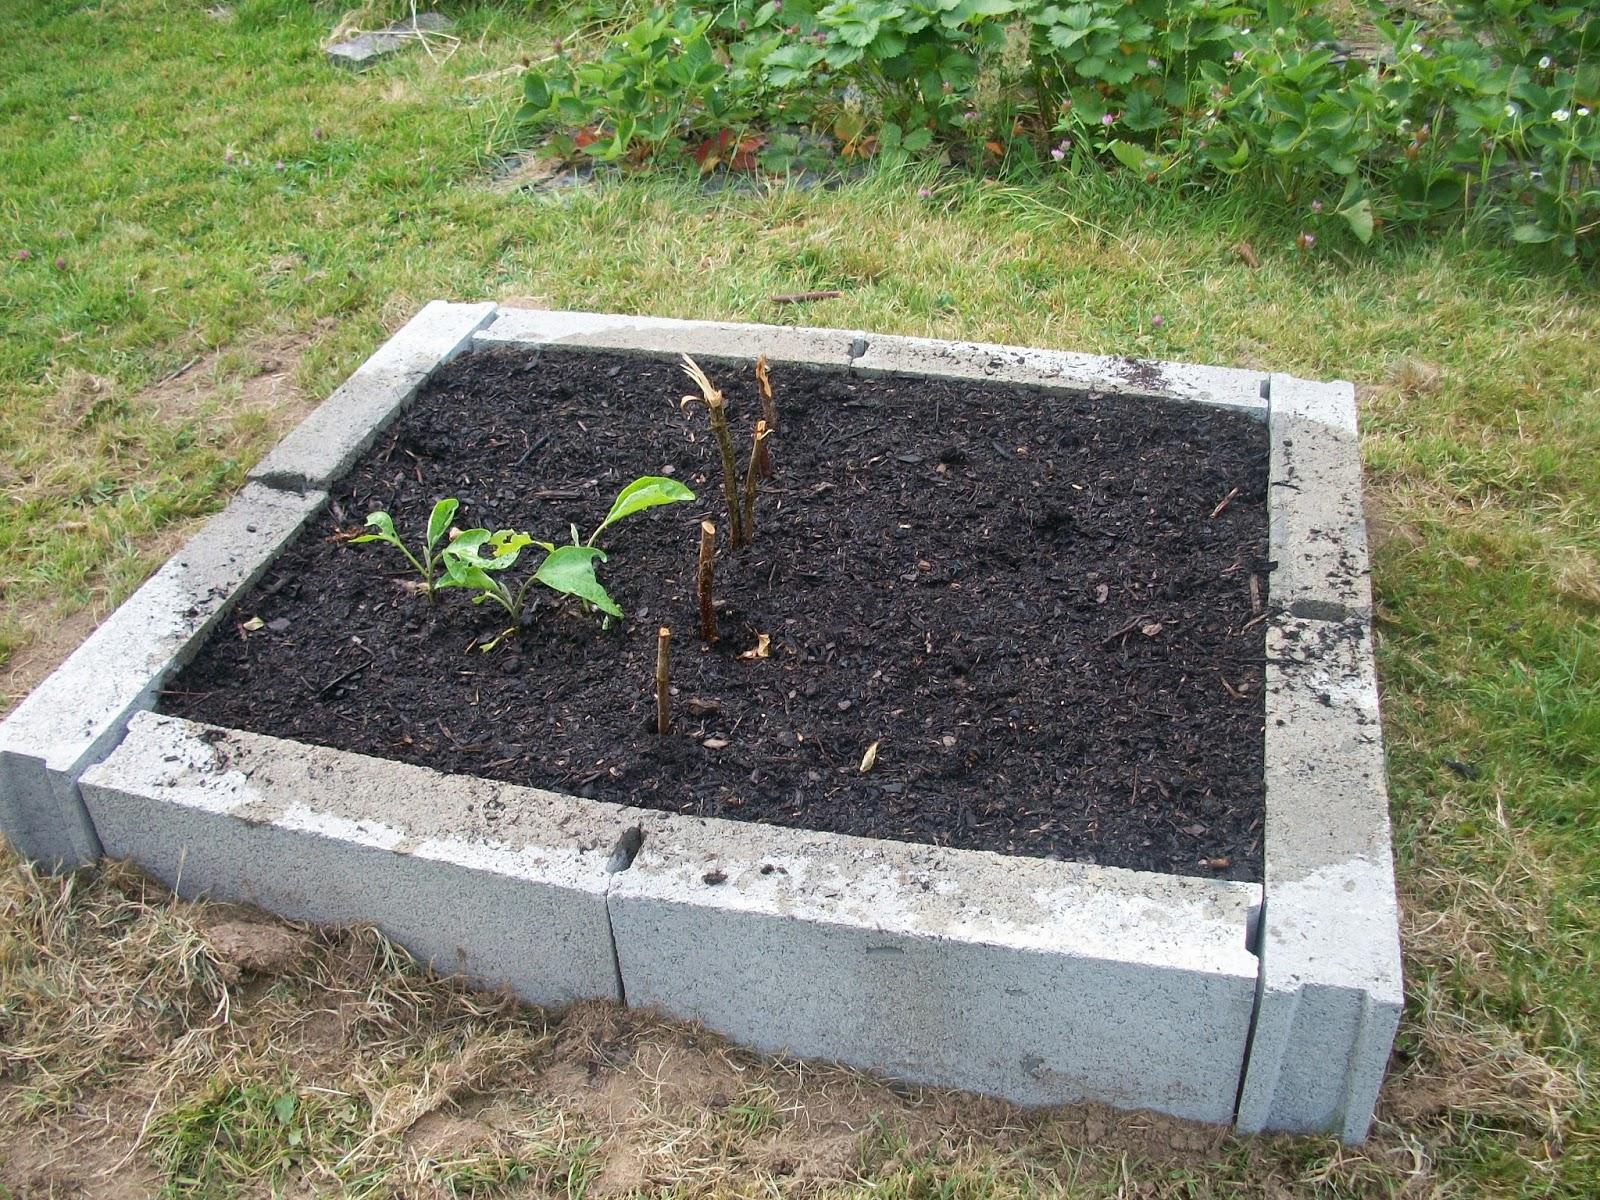 Les8jika au jardin carr s potager for Blog jardin potager